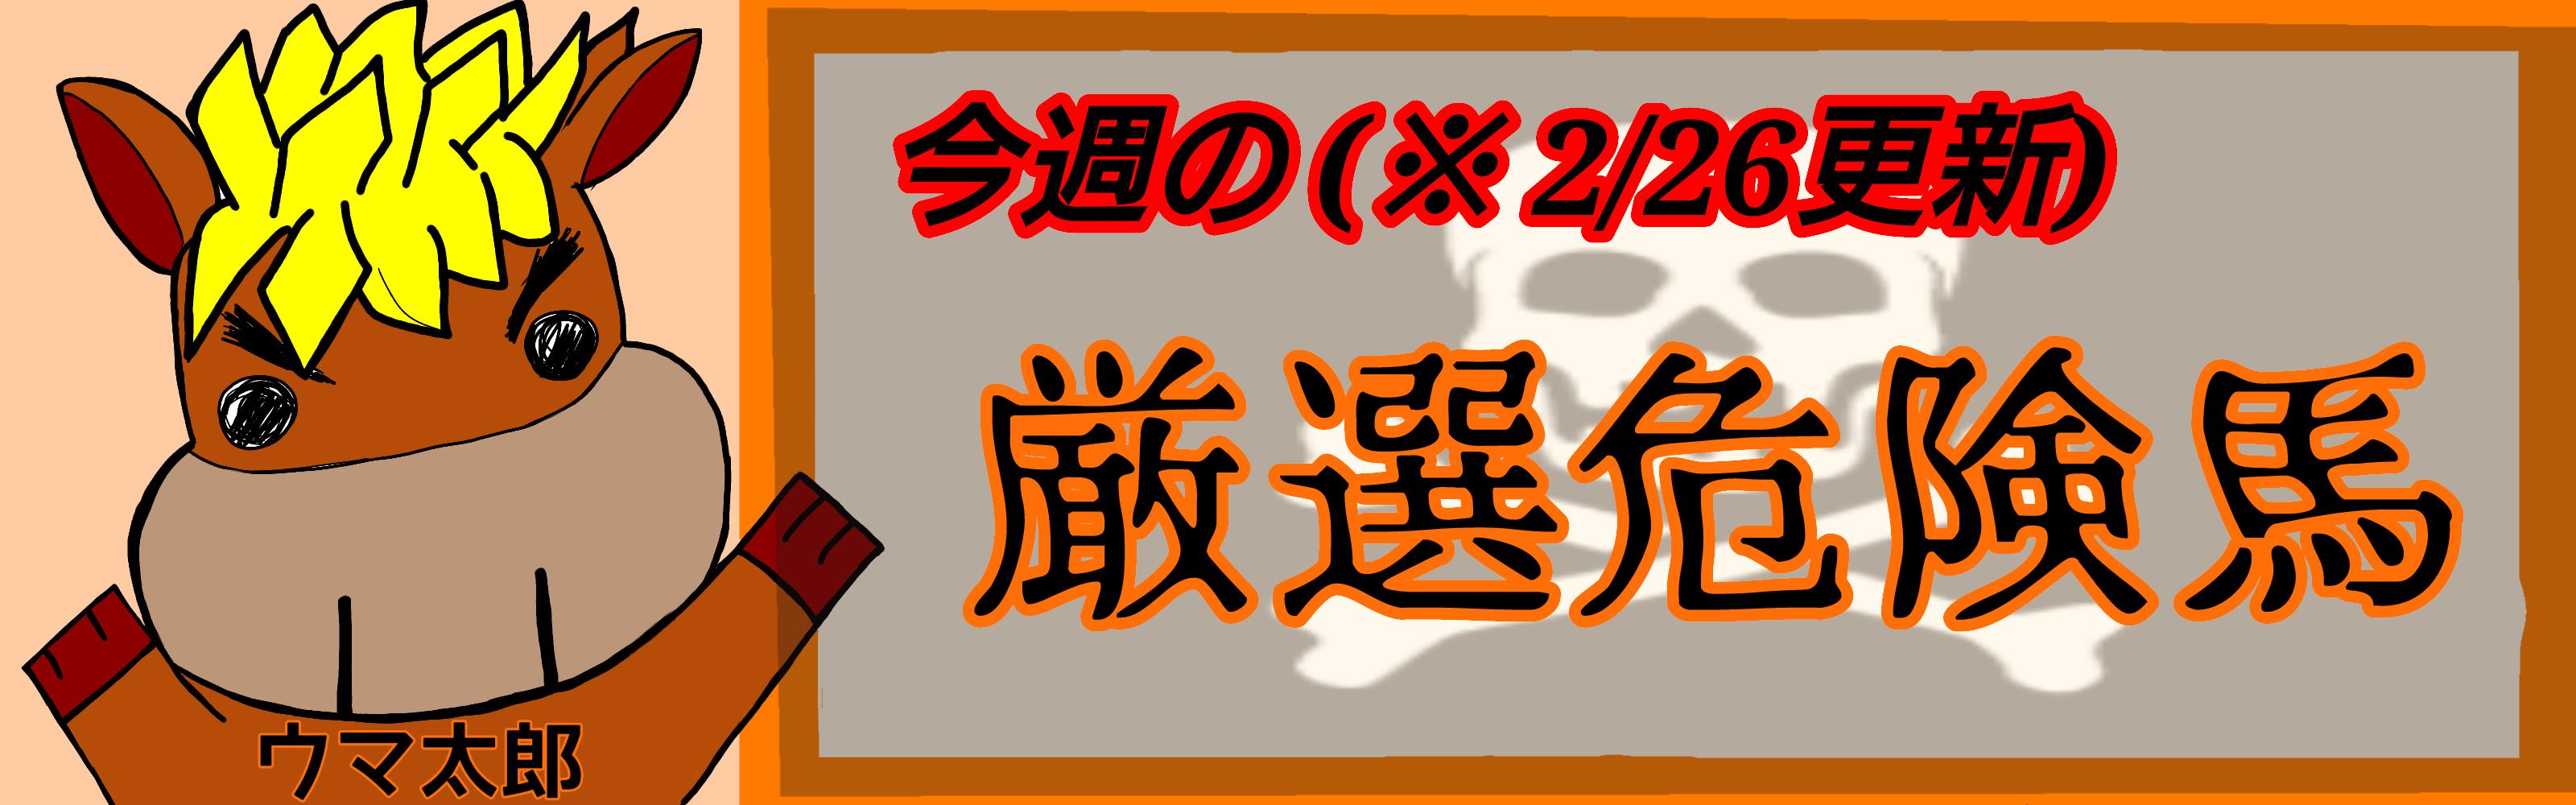 ※2/26更新 今週の厳選危険馬